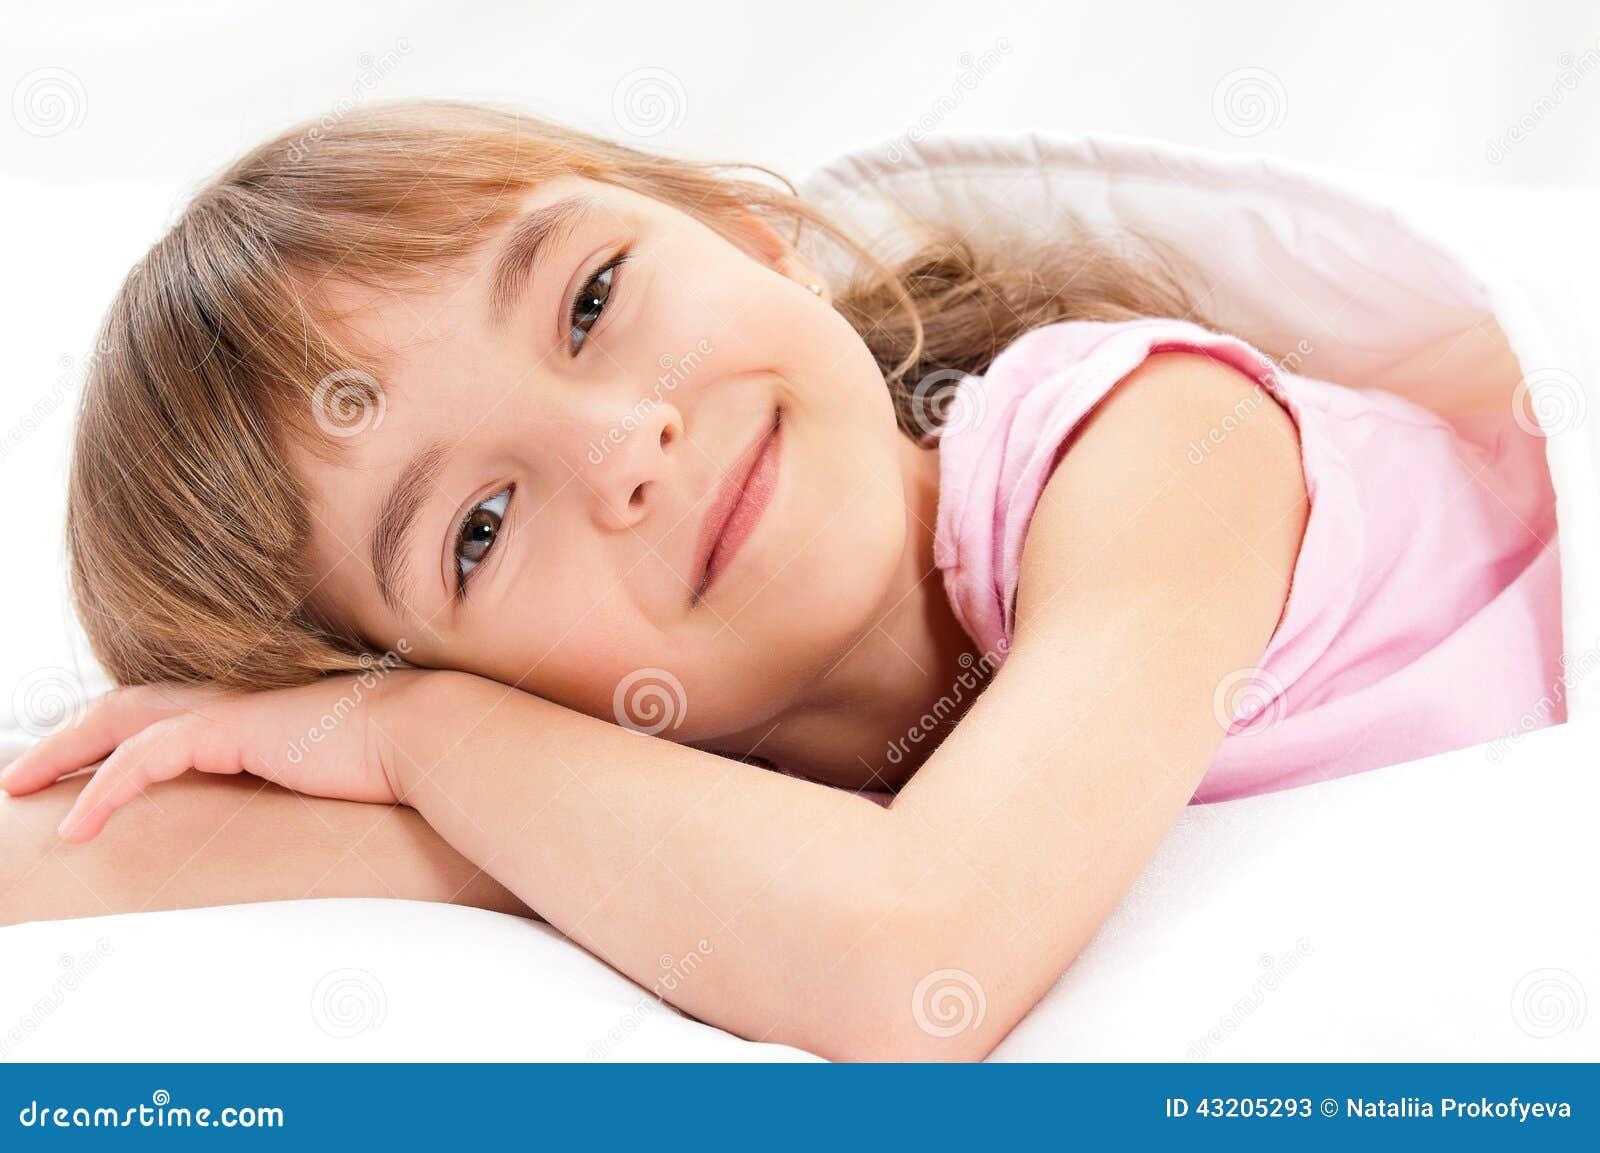 Download Flicka på säng fotografering för bildbyråer. Bild av barn - 43205293